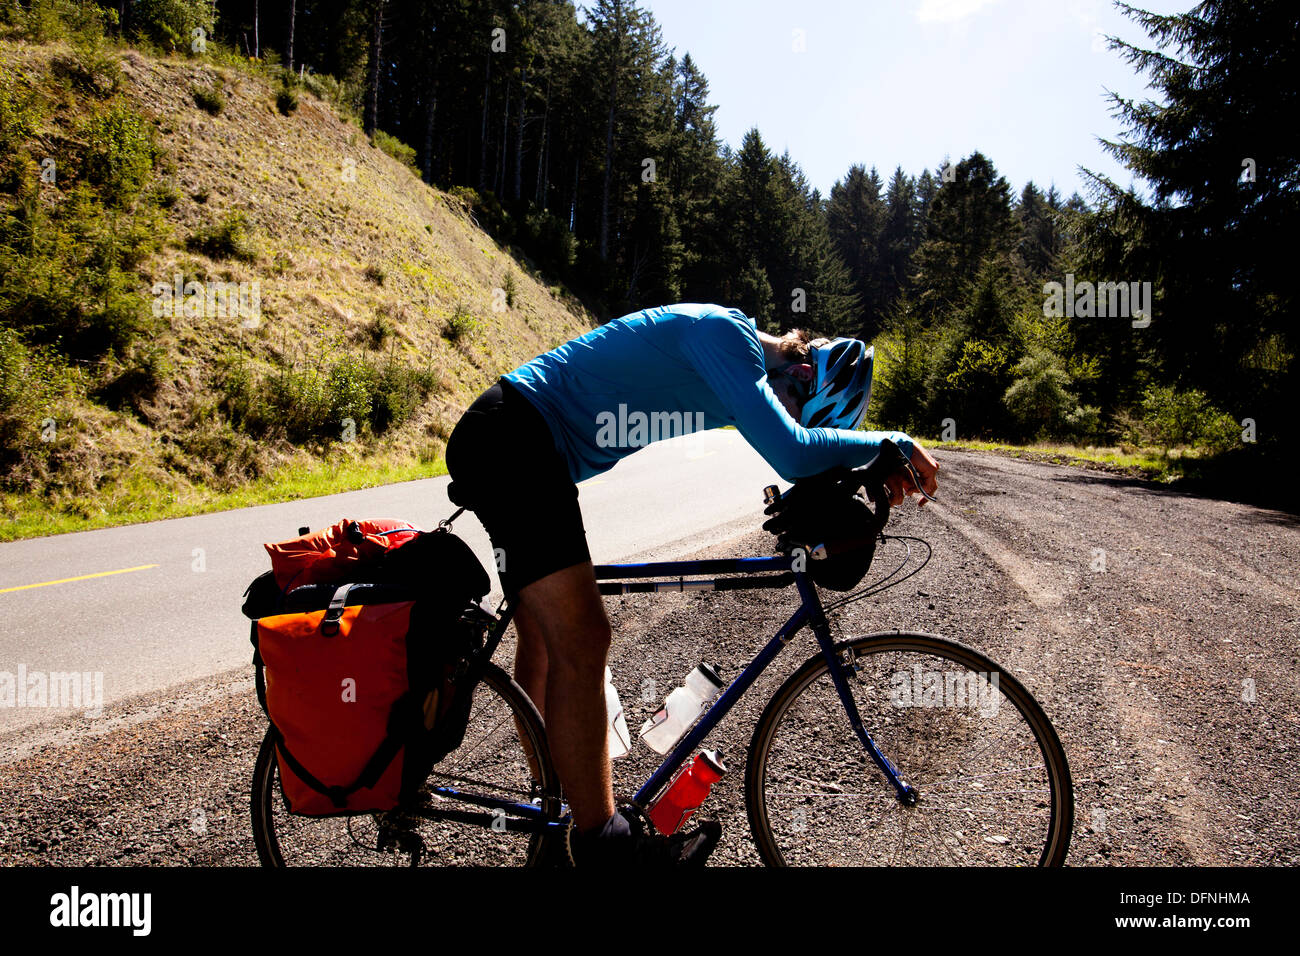 Un homme épuisé se penche sur sa randonnée cycliste vélo tout en escalade Mattole Road près de Ferndale, en Californie. Photo Stock